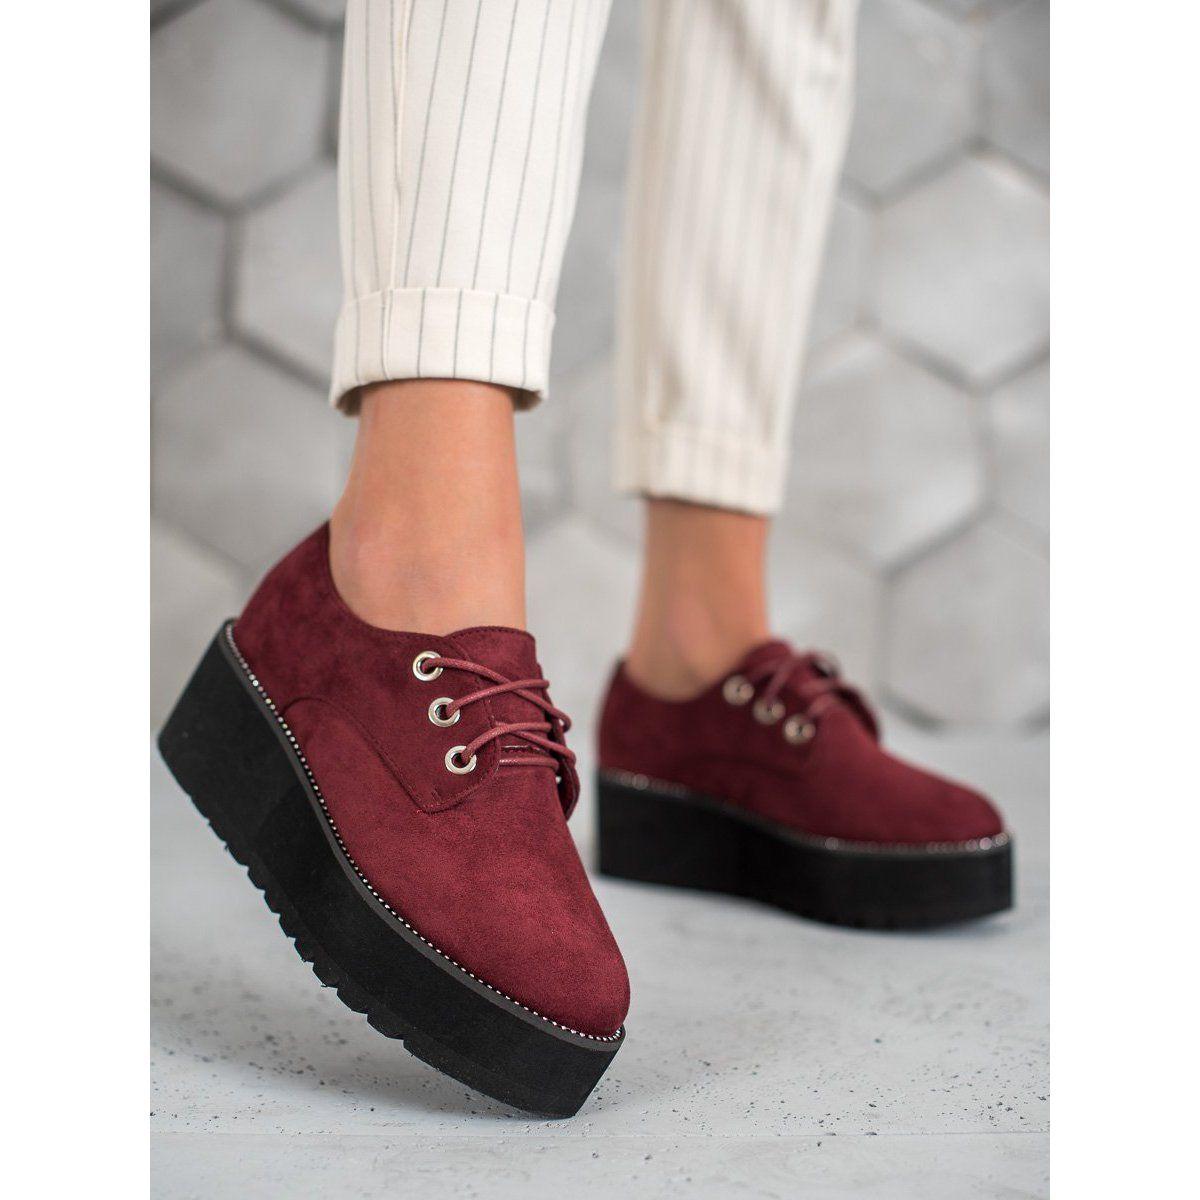 Shelovet Zamszowe Polbuty Na Platformie Czerwone Timberland Boots Light Boots Hiking Boots